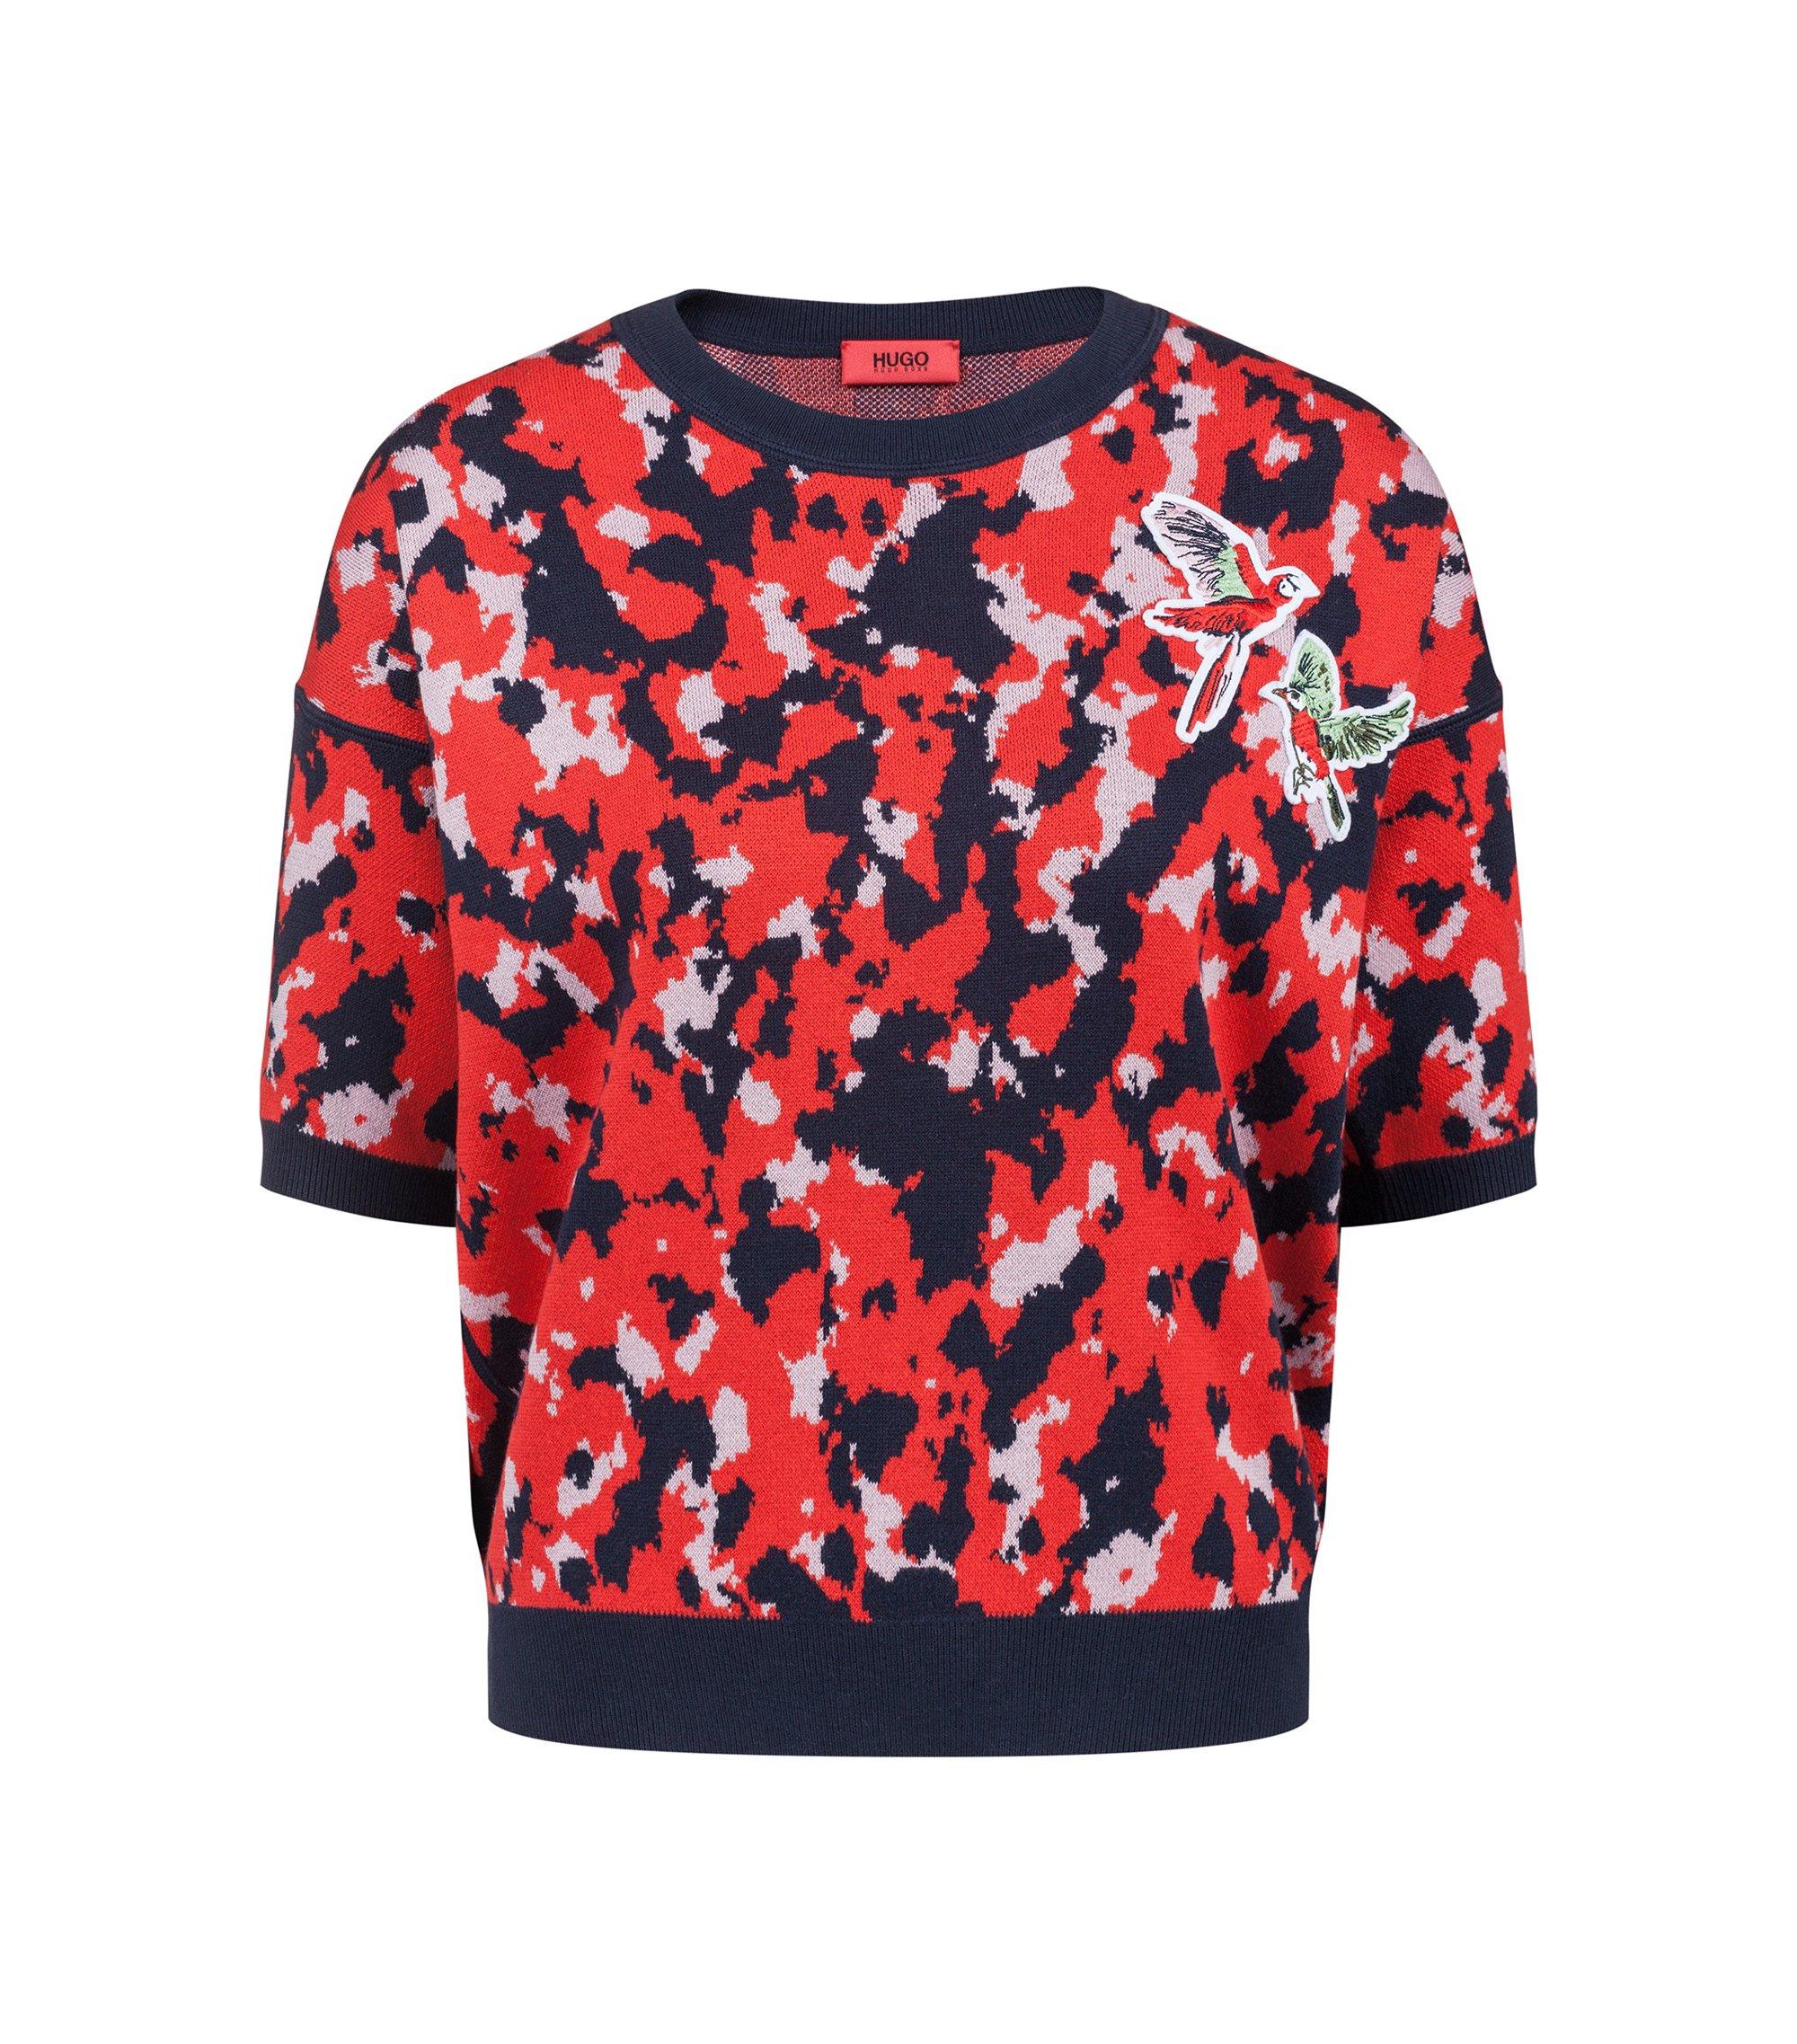 Pullover mit Camouflage-Muster und Vogel-Applikation, Gemustert